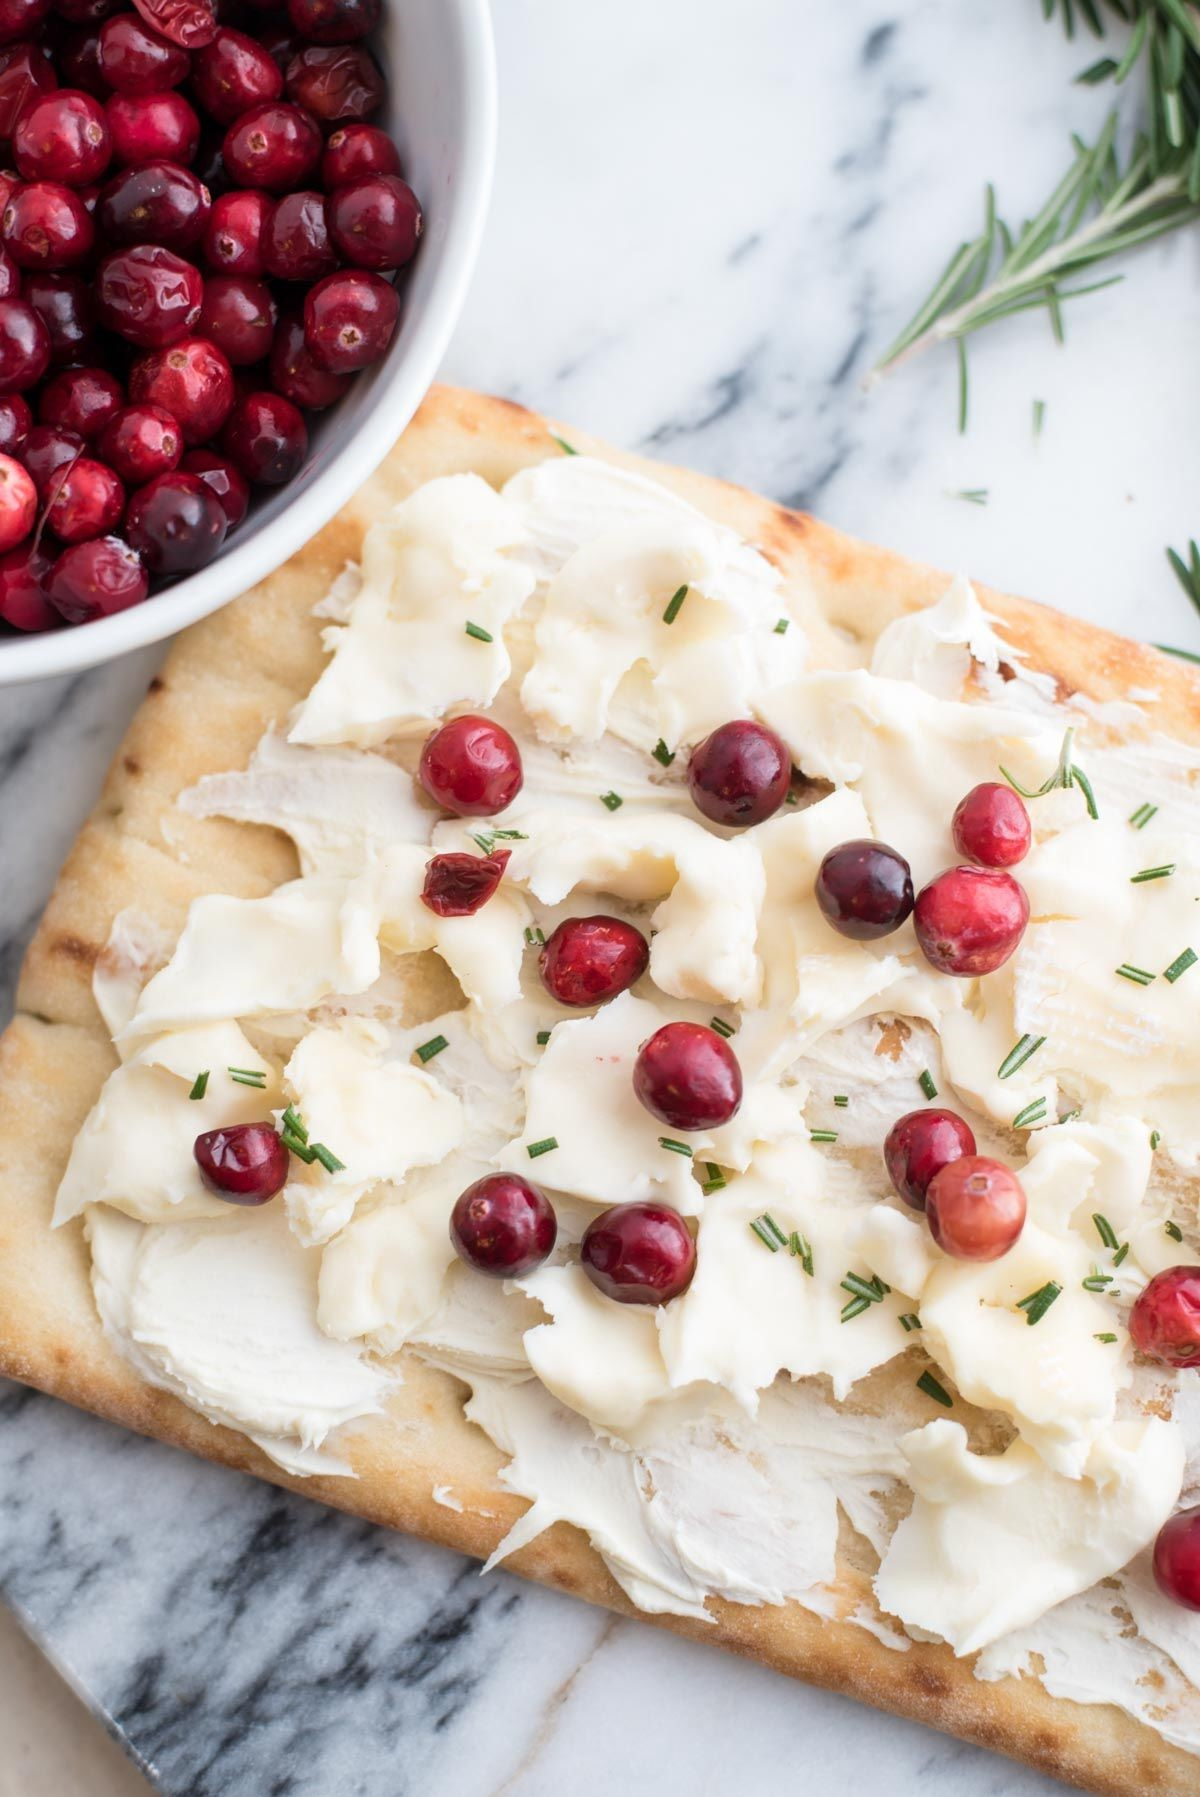 Recette d'apéritif de Noël: délicieuse tarte au fromage à la crème et aux canneberges.